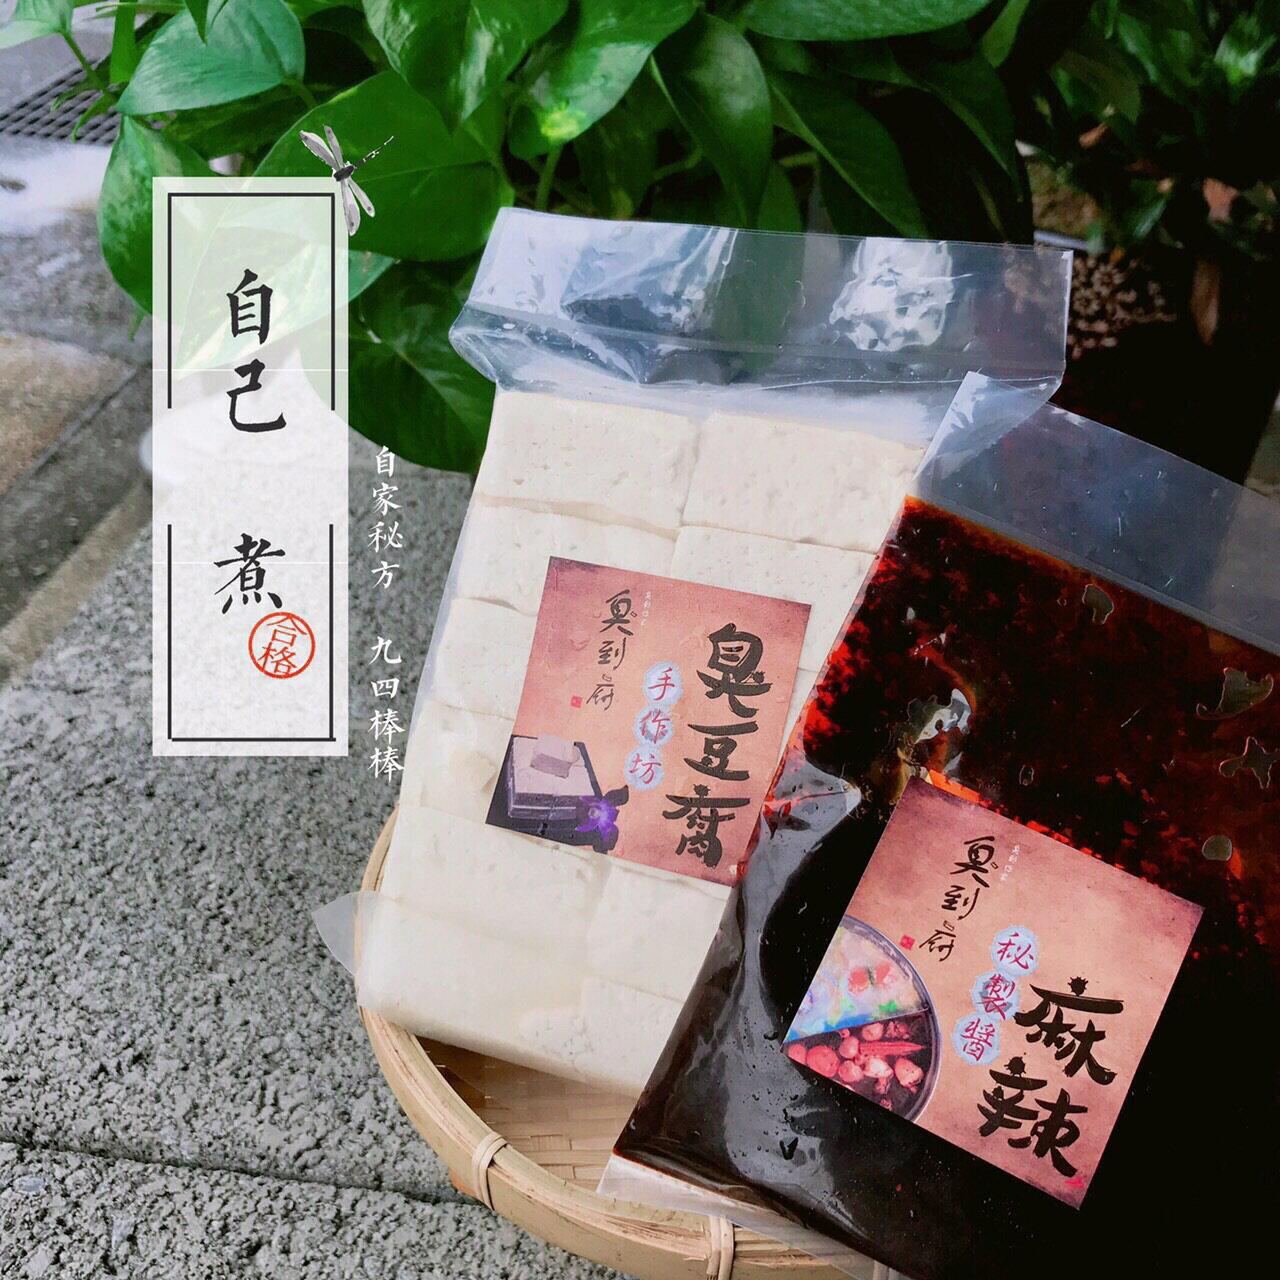 麻辣臭豆腐 【12入】含麻辣醬